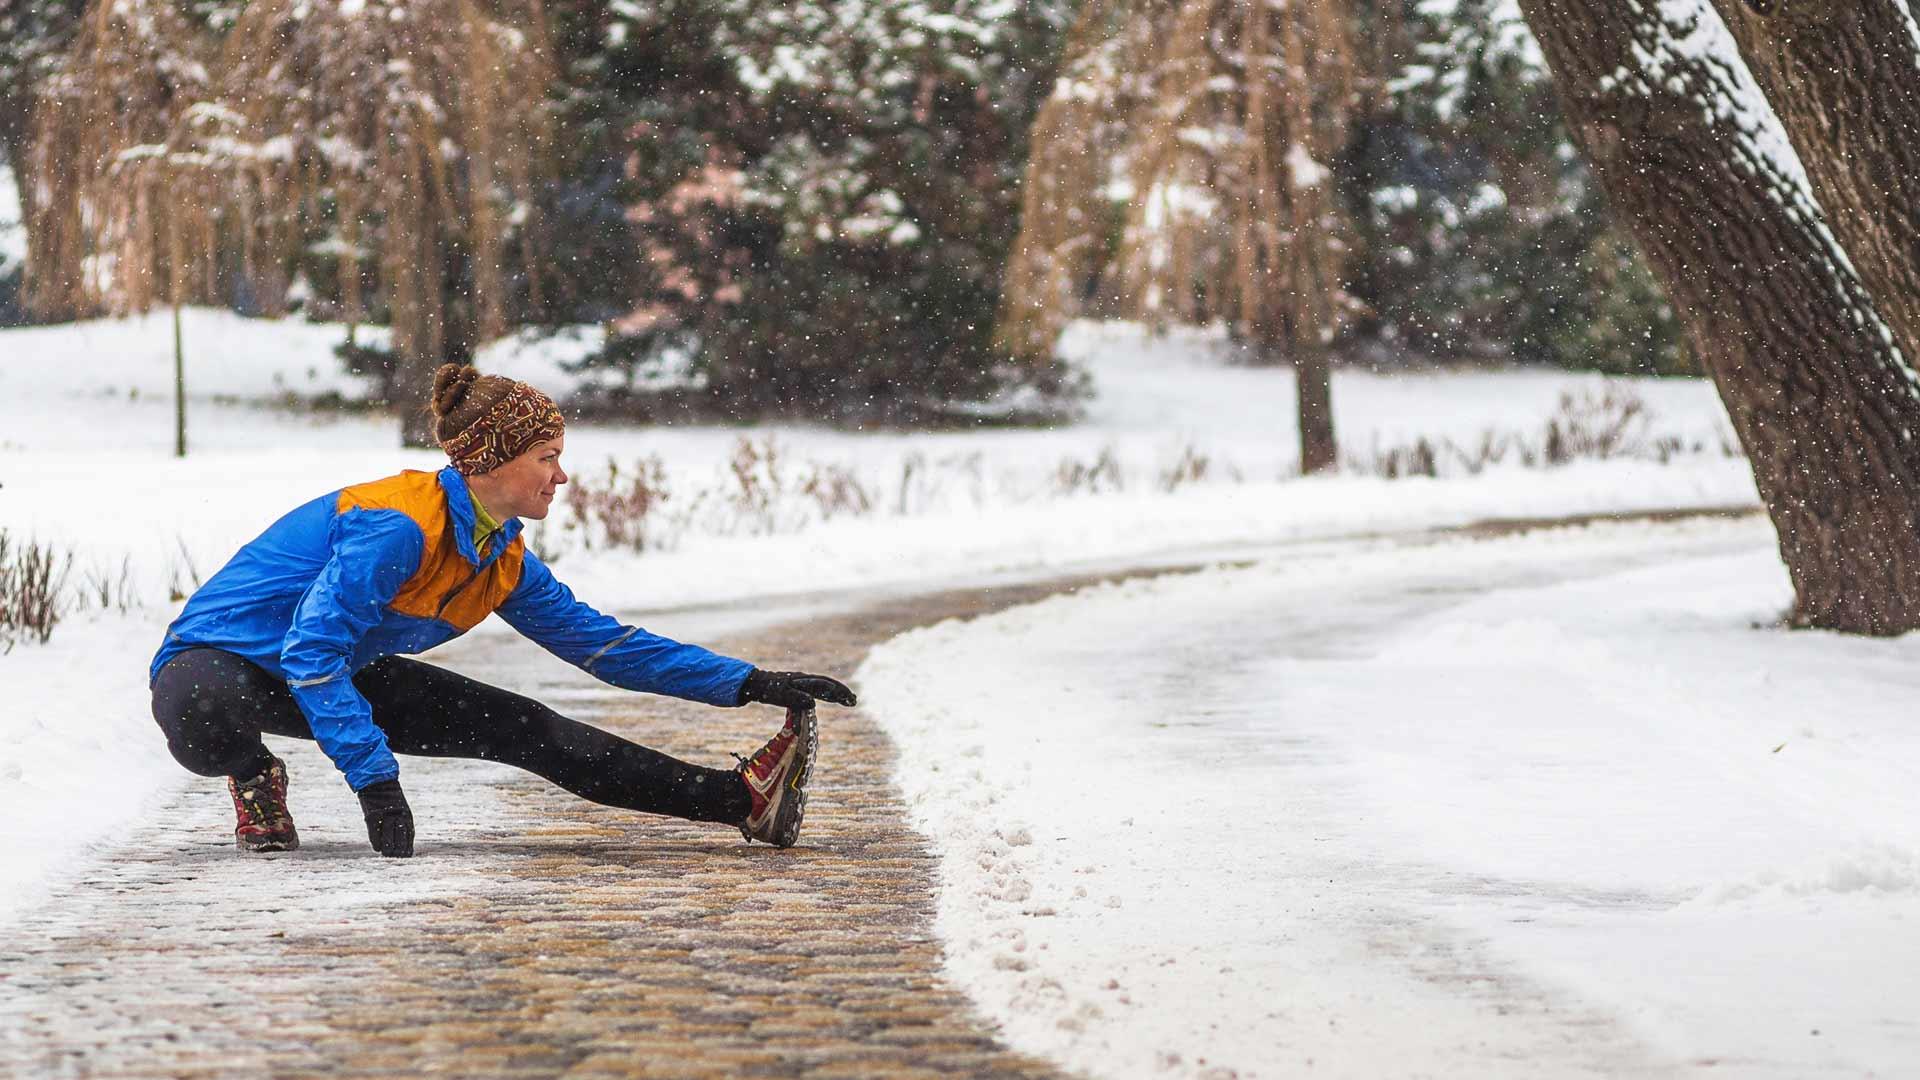 wintersport-voorbereiding